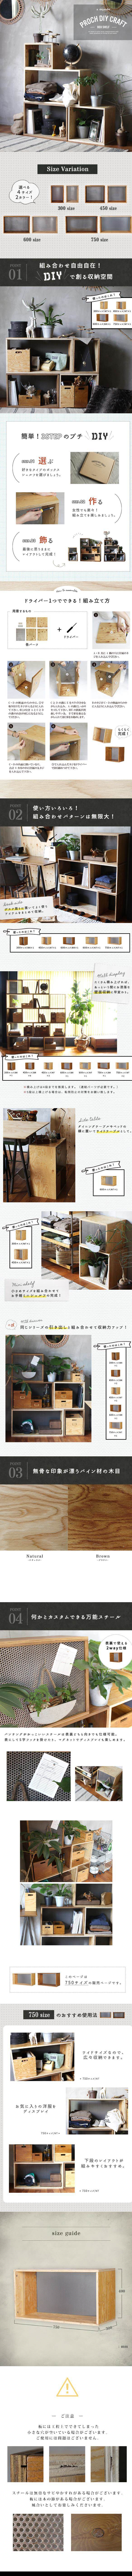 プロック DIY クラフト ボックス シェルフ 750